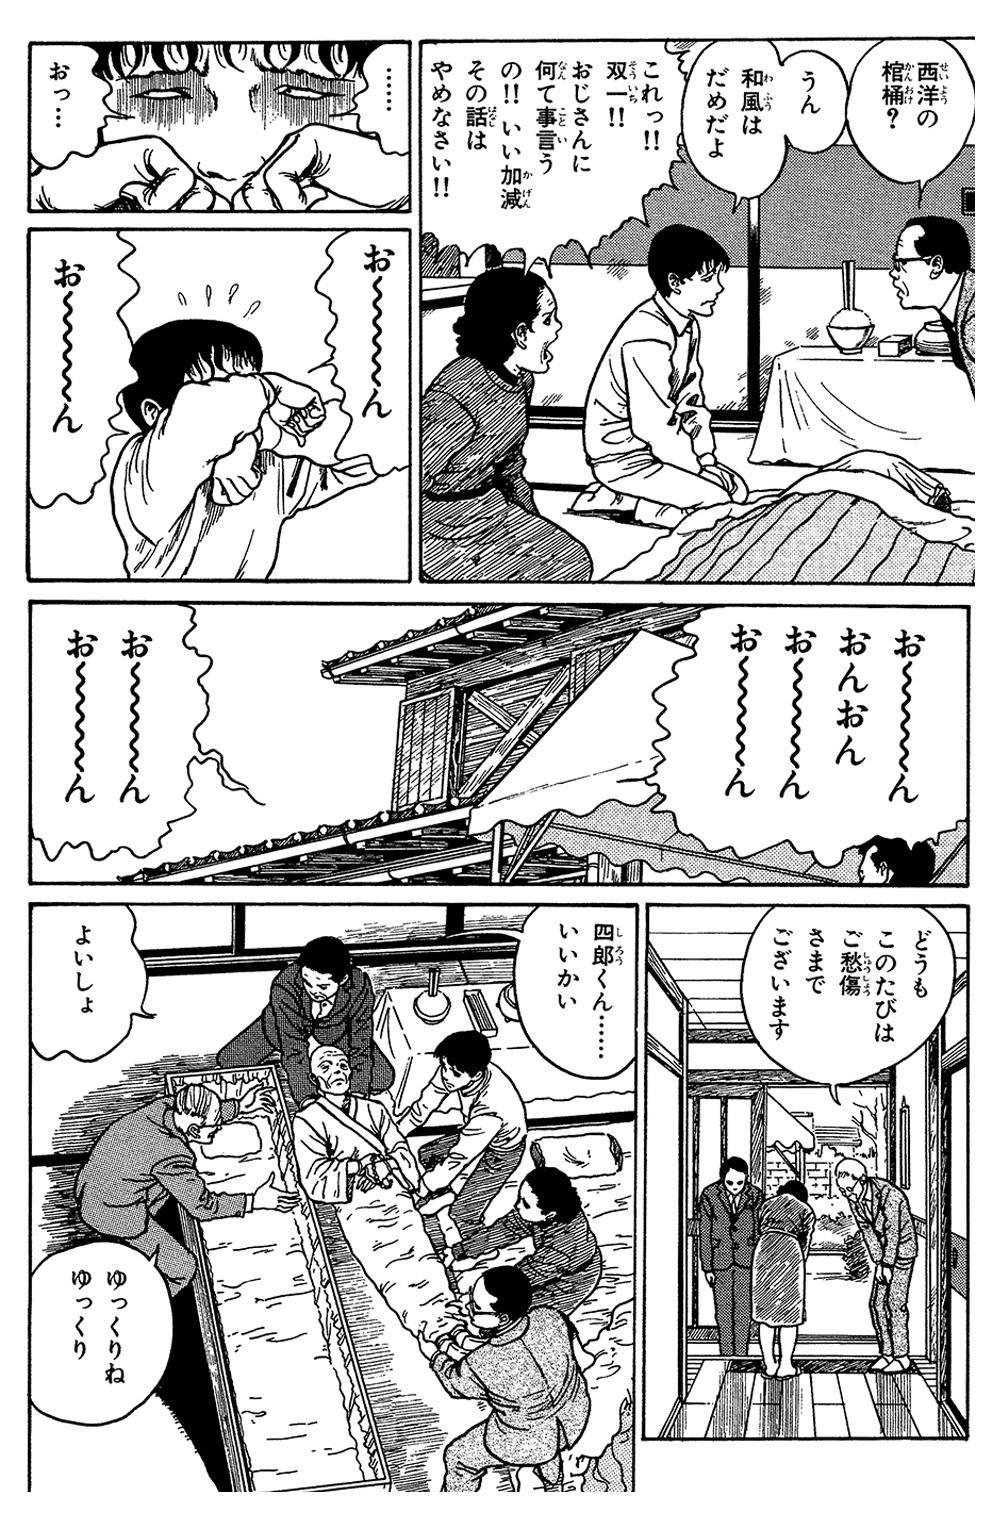 伊藤潤二傑作集「棺桶」①kanoke01-18.jpg